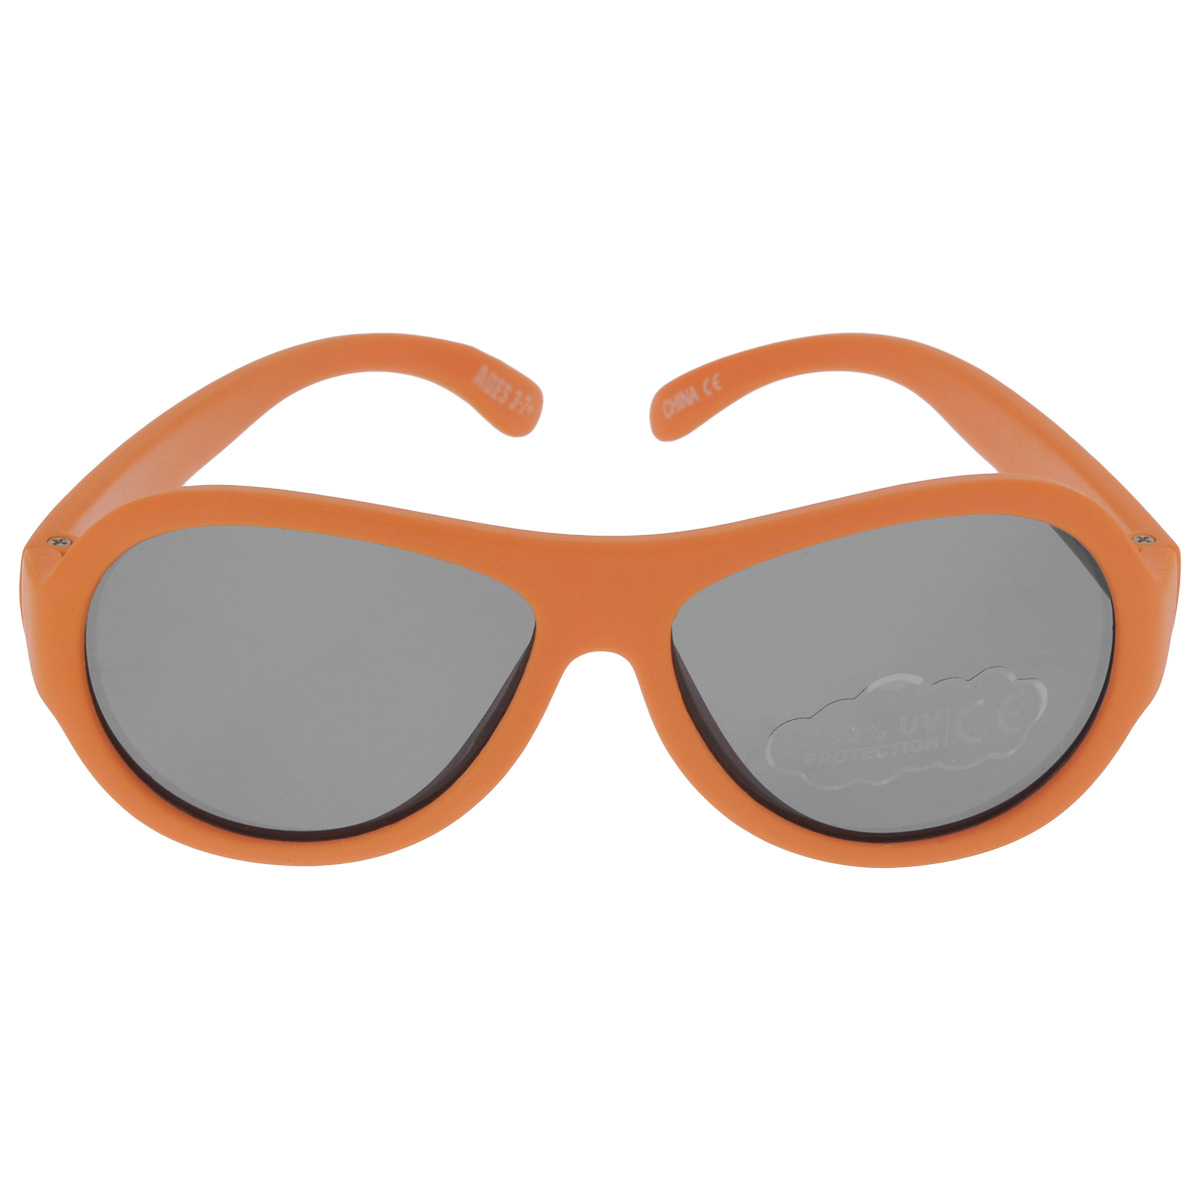 Детские солнцезащитные очки Babiators Ух ты! (OMG!), цвет: оранжевый, 3-7 лет1900671-5605Вы делаете все возможное, чтобы ваши дети были здоровы и в безопасности. Шлемы для езды на велосипеде, солнцезащитный крем для прогулок на солнце... Но как насчёт влияния солнца на глаза вашего ребёнка? Правда в том, что сетчатка глаза у детей развивается вместе с самим ребёнком. Это означает, что глаза малышей не могут отфильтровать УФ-излучение. Проблема понятна - детям нужна настоящая защита, чтобы глазки были в безопасности, а зрение сильным.Каждая пара солнцезащитных очков Babiators для детей обеспечивает 100% защиту от UVA и UVB. Прочные линзы высшего качества не подведут в самых сложных переделках. В отличие от обычных пластиковых очков, оправа Babiators выполнена из гибкого прорезиненного материала, что делает их ударопрочными, их можно сгибать и крутить - они не сломаются и вернутся в прежнюю форму. Не бойтесь, что ребёнок сядет на них - они всё выдержат. Будьте уверены, что очки Babiators созданы безопасными, прочными и классными, так что вы и ваш ребенок можете приступать к своим приключениям!